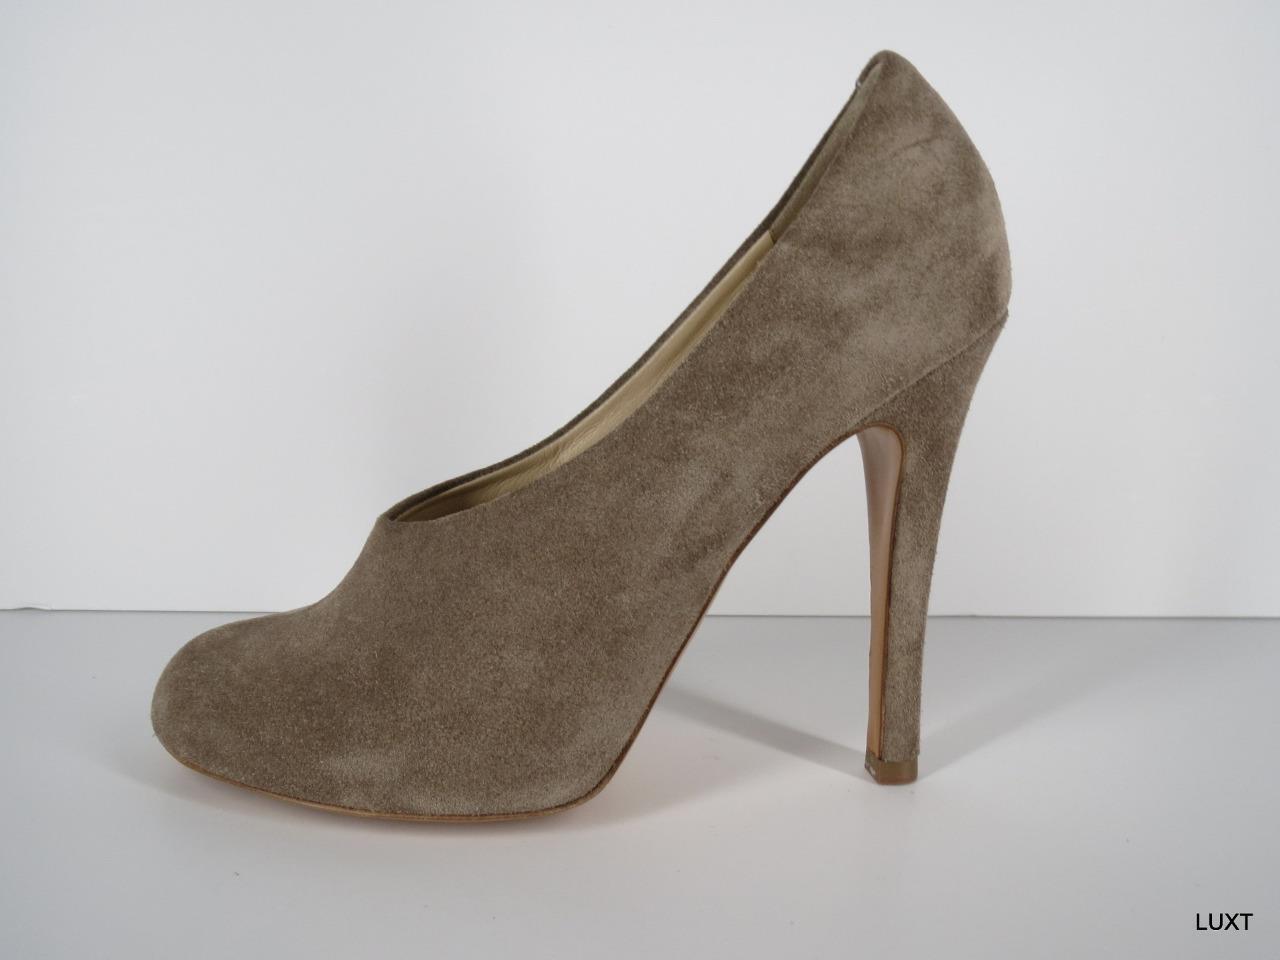 Chloe Pumps Heels Booties  542 Size 10 40 Suede Beige Taupe Platform Stilettos